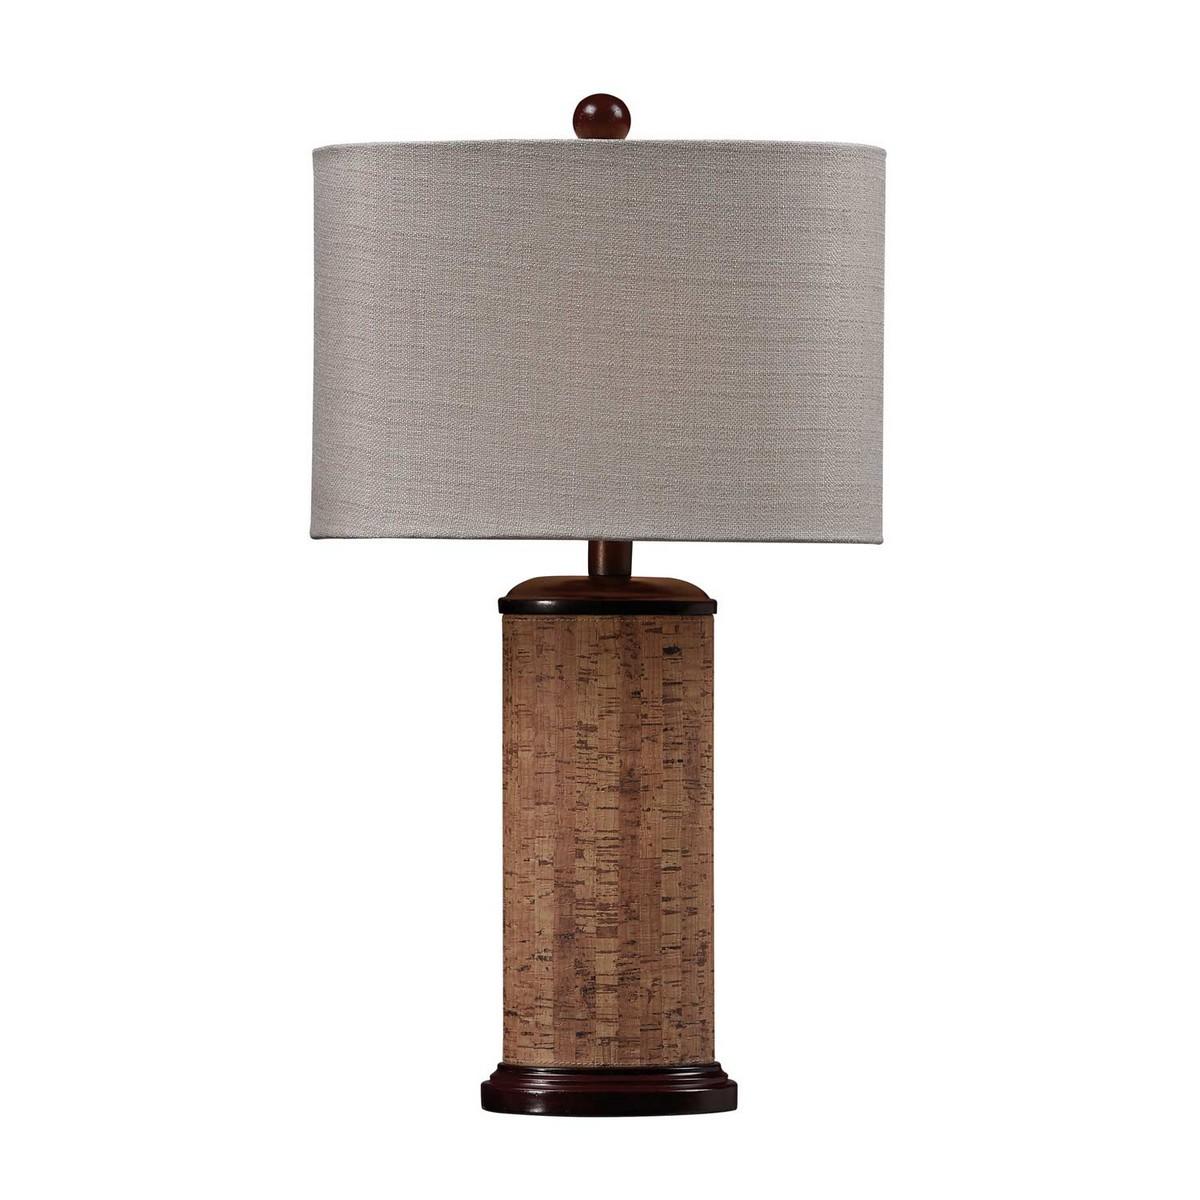 Elk Lighting D159 Table Lamp - Natural Cork/Brown